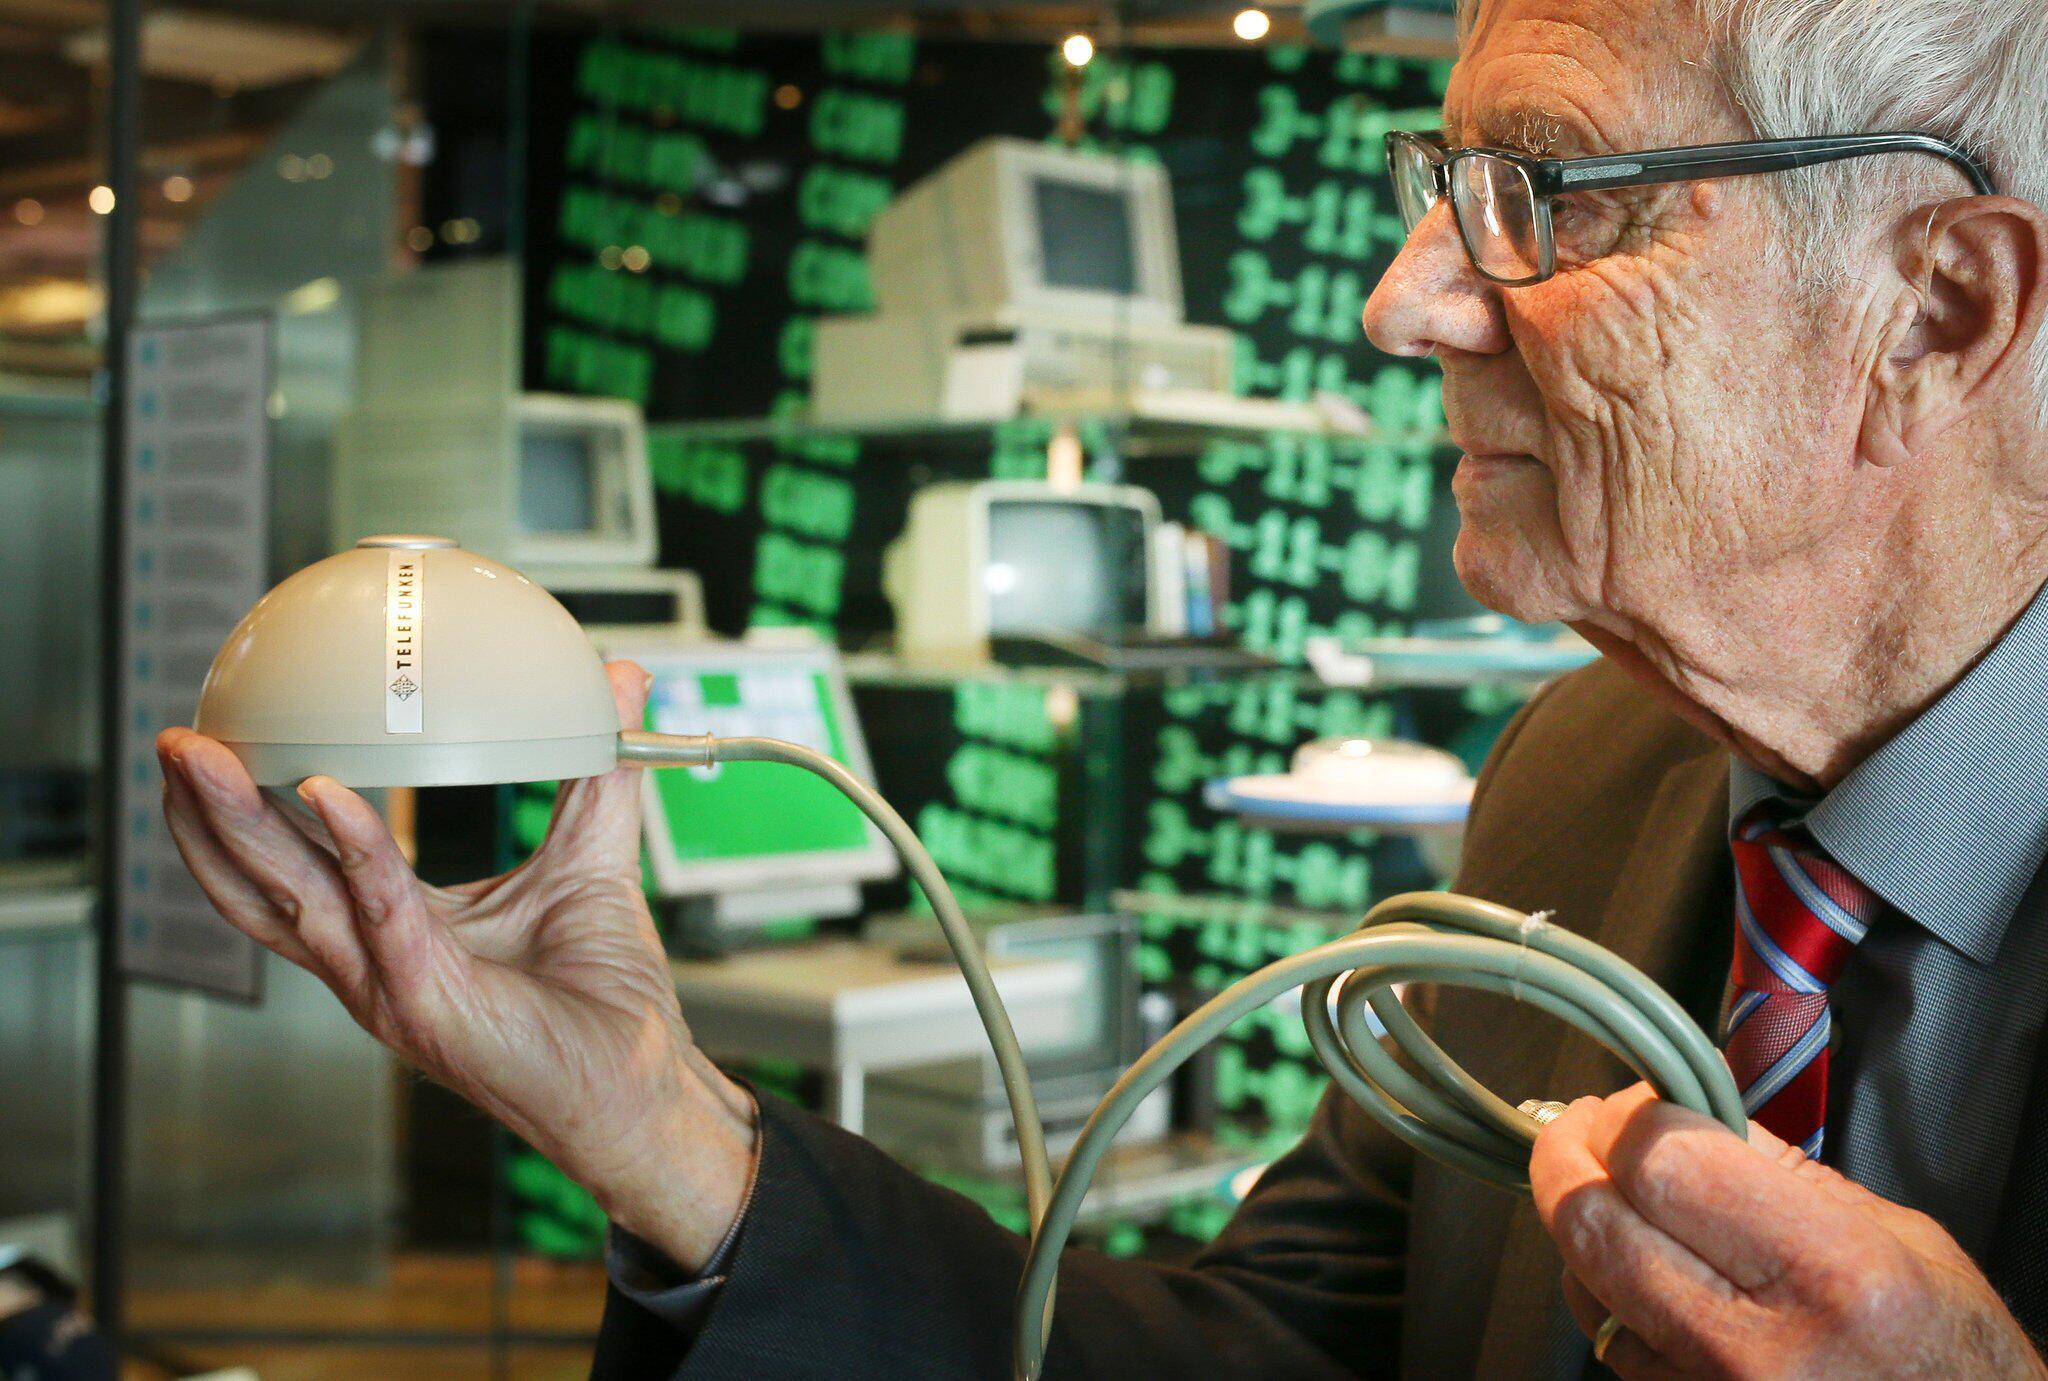 Bild zu Ur-PC-Maus im Museum, Rainer Mallebrein